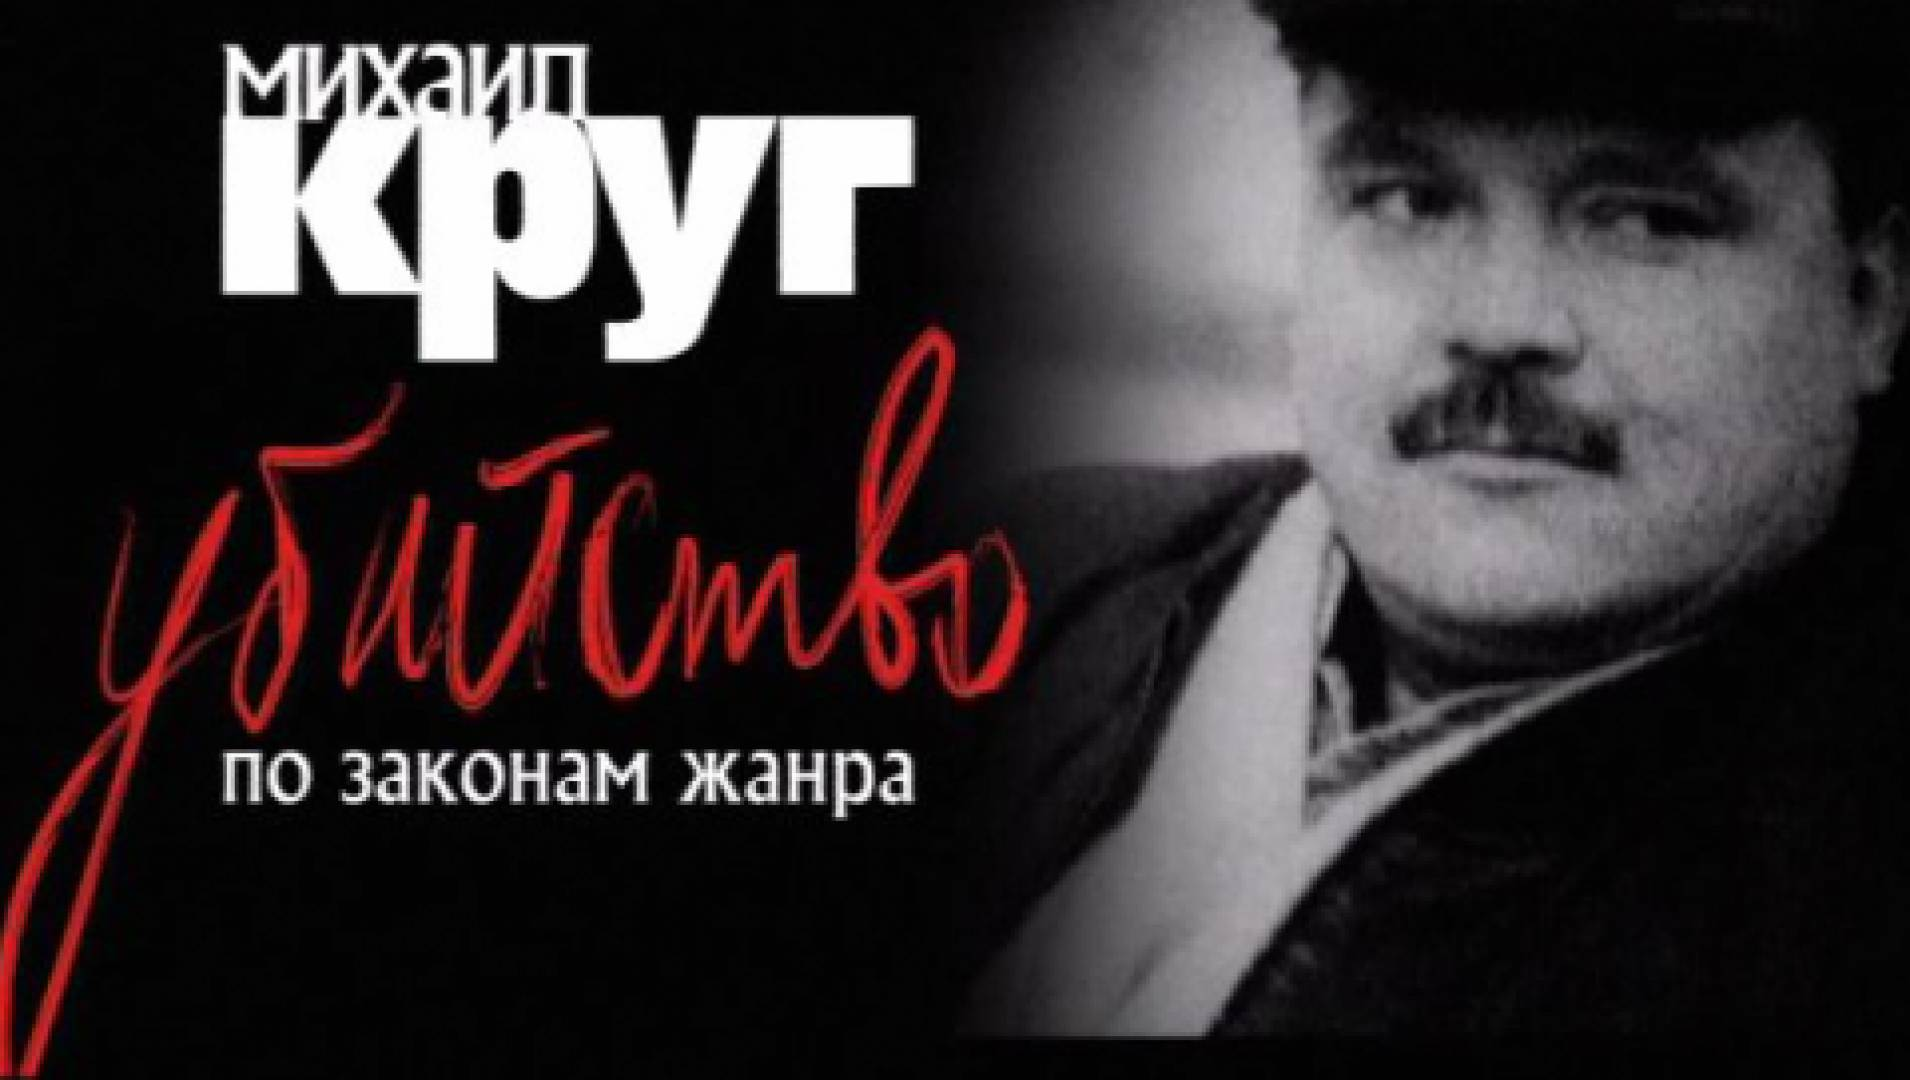 Михаил Круг. Убийство позаконам жанра - Документальный фильм